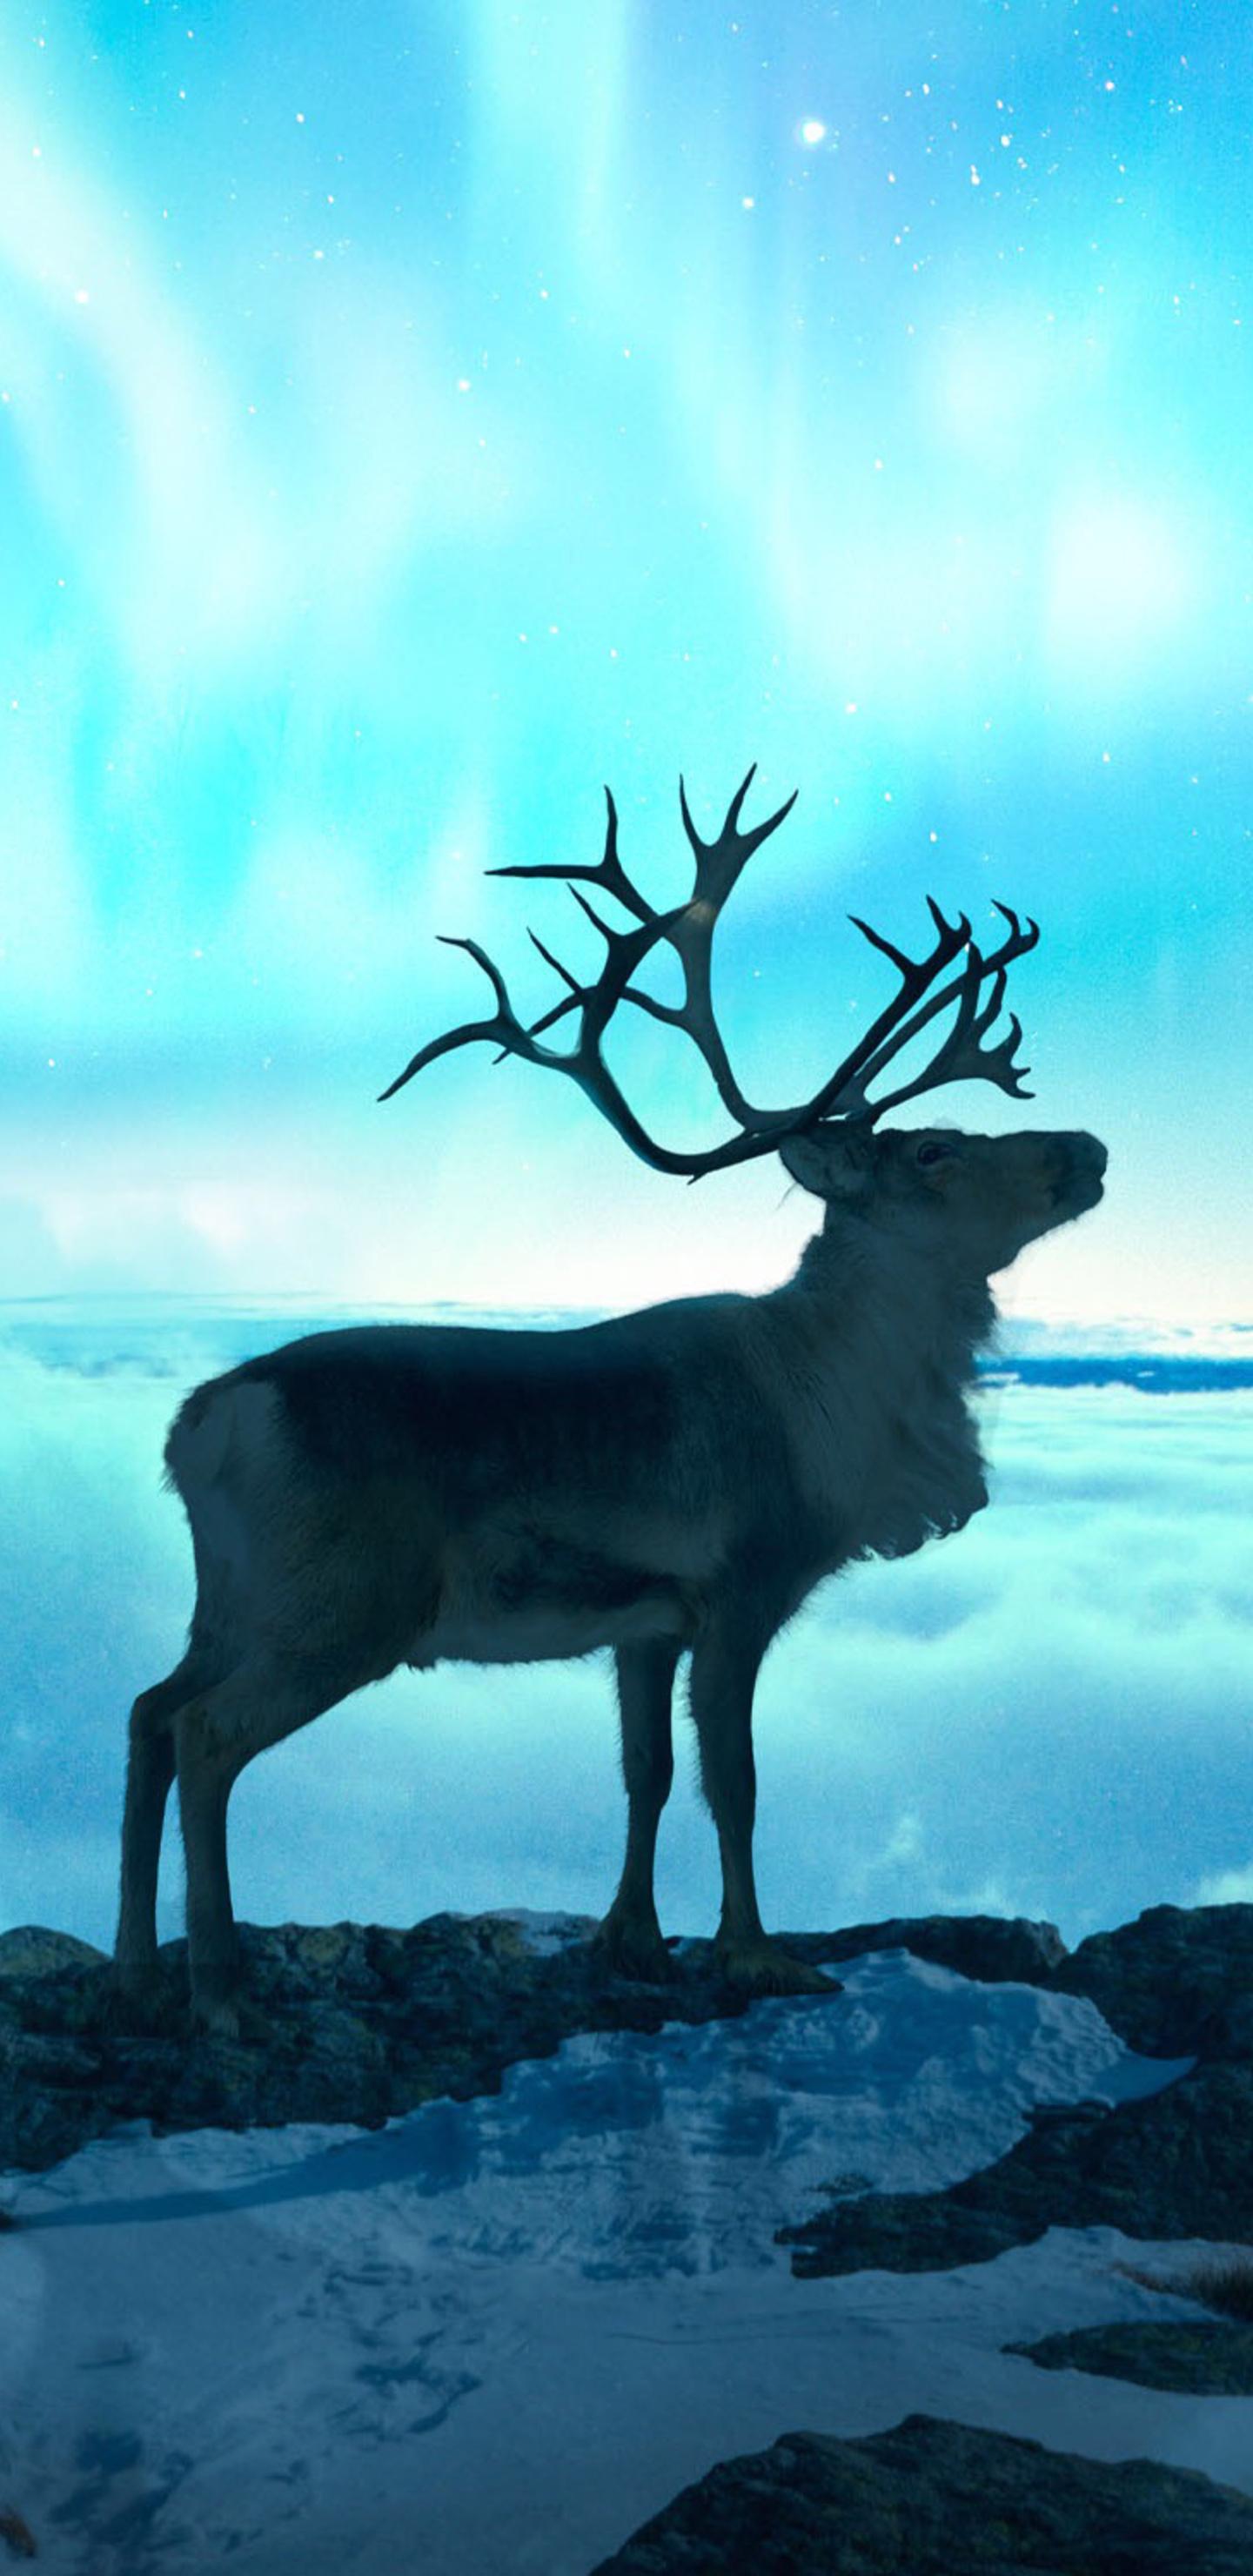 reindeer-fantasy-art-7n.jpg